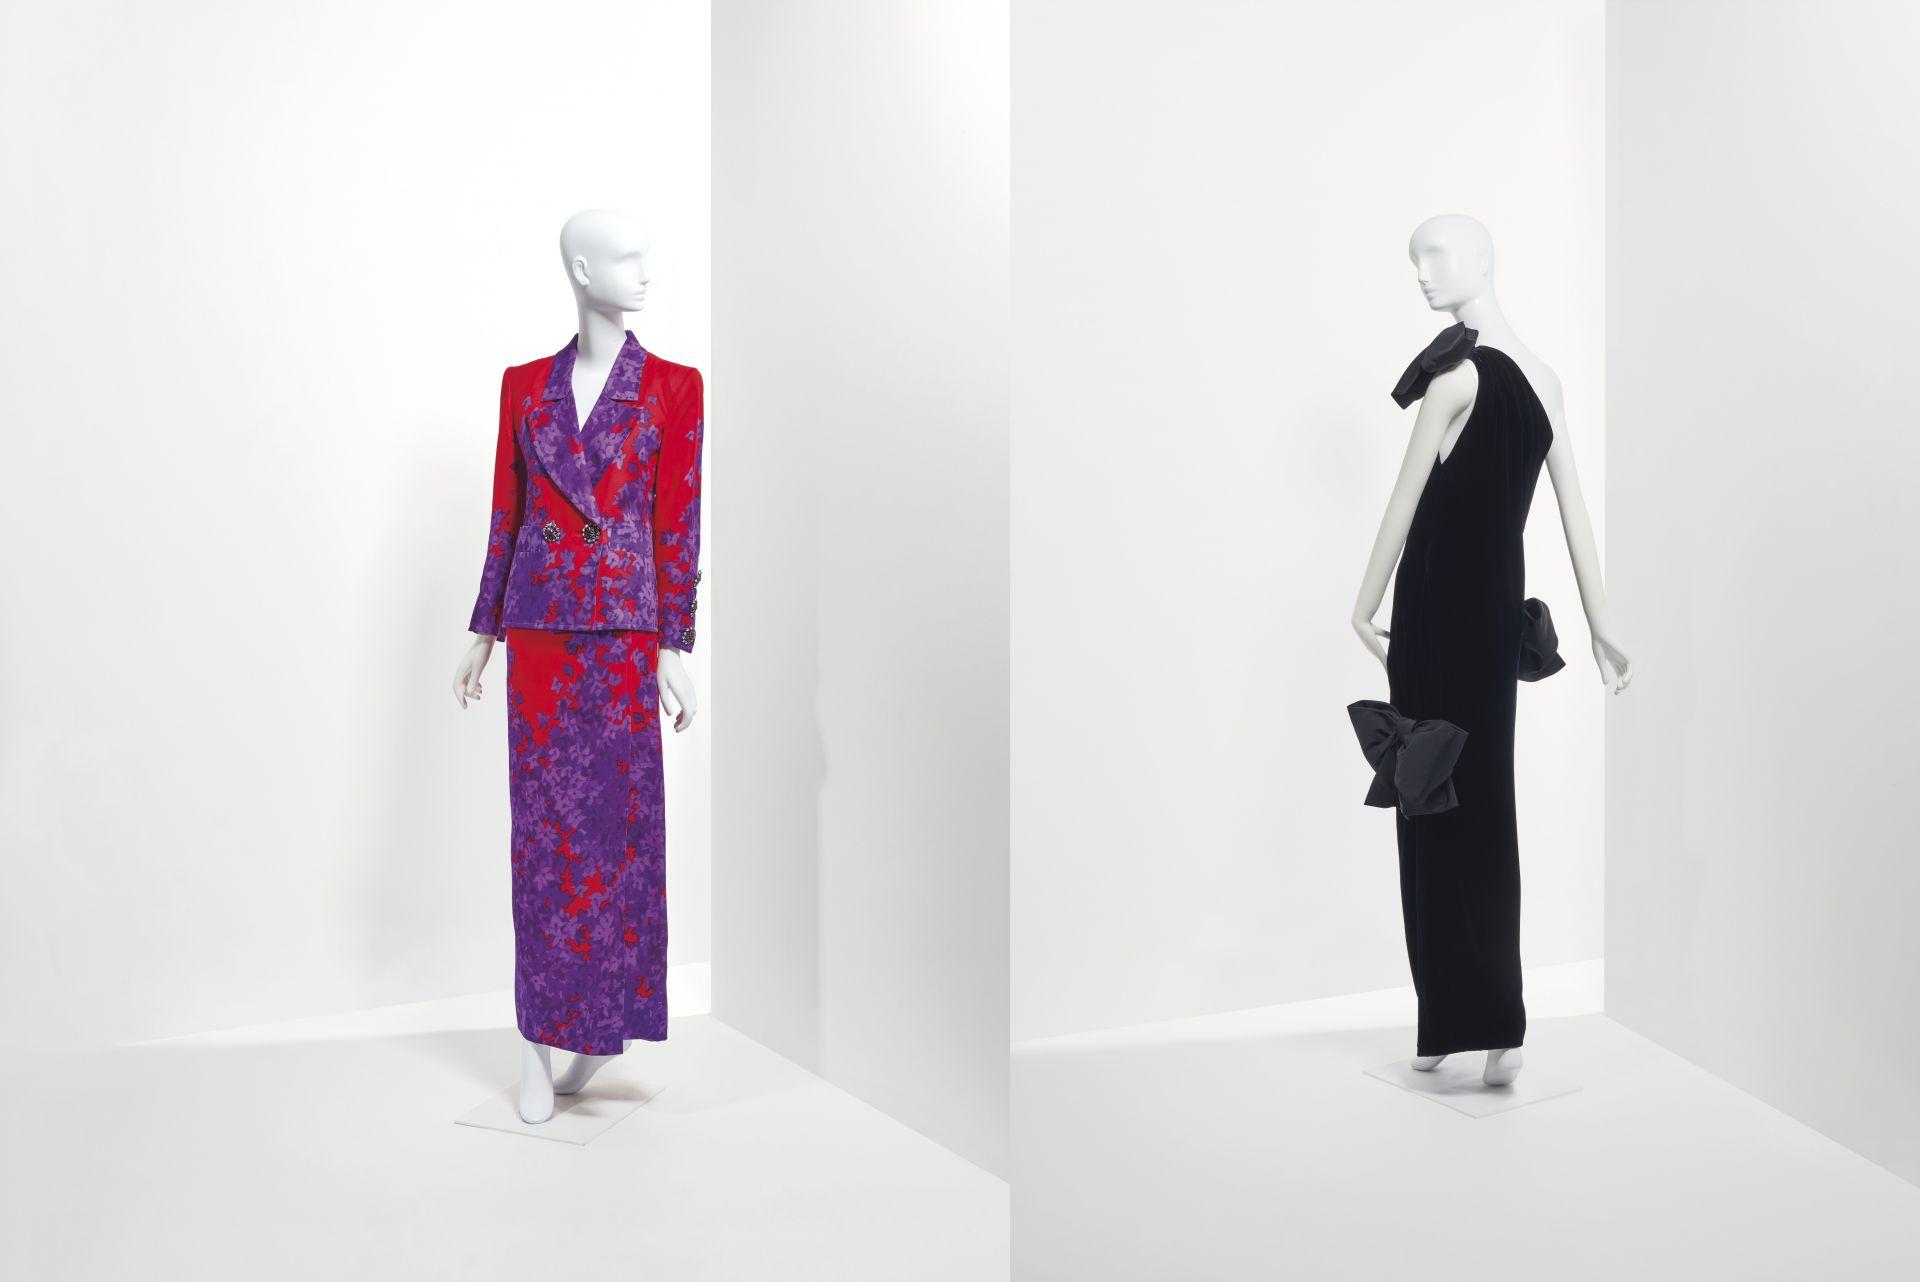 Museum No Hero koopt haute couture Yves Saint Laurent op veiling